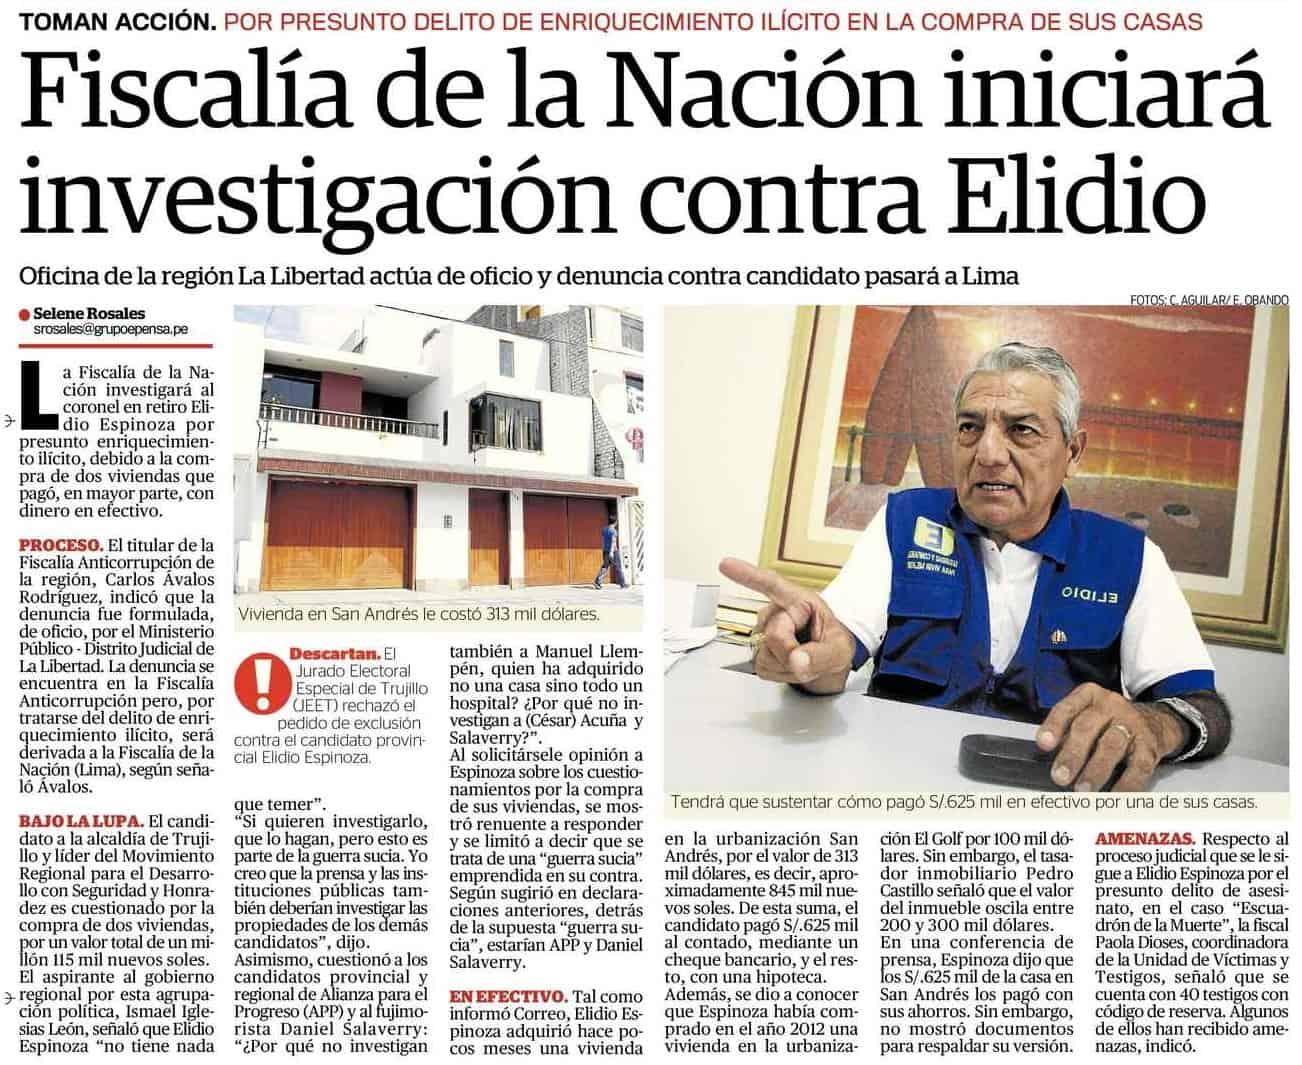 FISCALÍA DE LA NACIÓN INICIARÁ INVESTIGACIÓN CONTRA ELIDIO